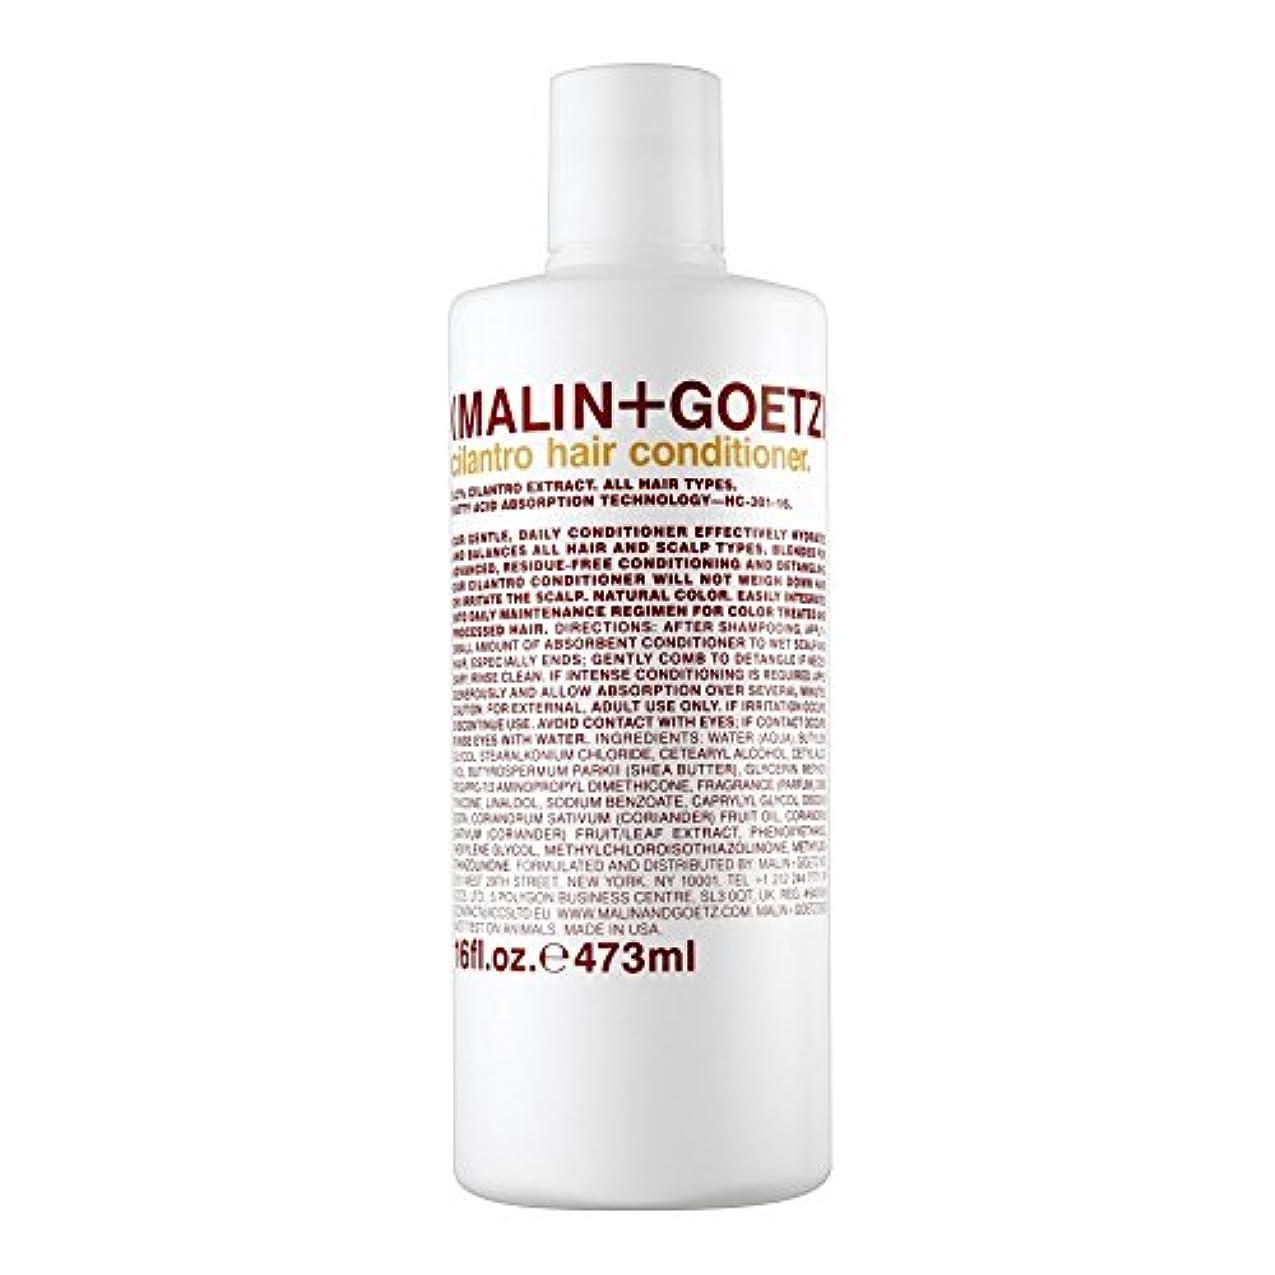 キャンドル倍増暴君マリン+ゲッツコリアンダーのヘアコンディショナー473ミリリットル x2 - MALIN+GOETZ Cilantro Hair Conditioner 473ml (Pack of 2) [並行輸入品]